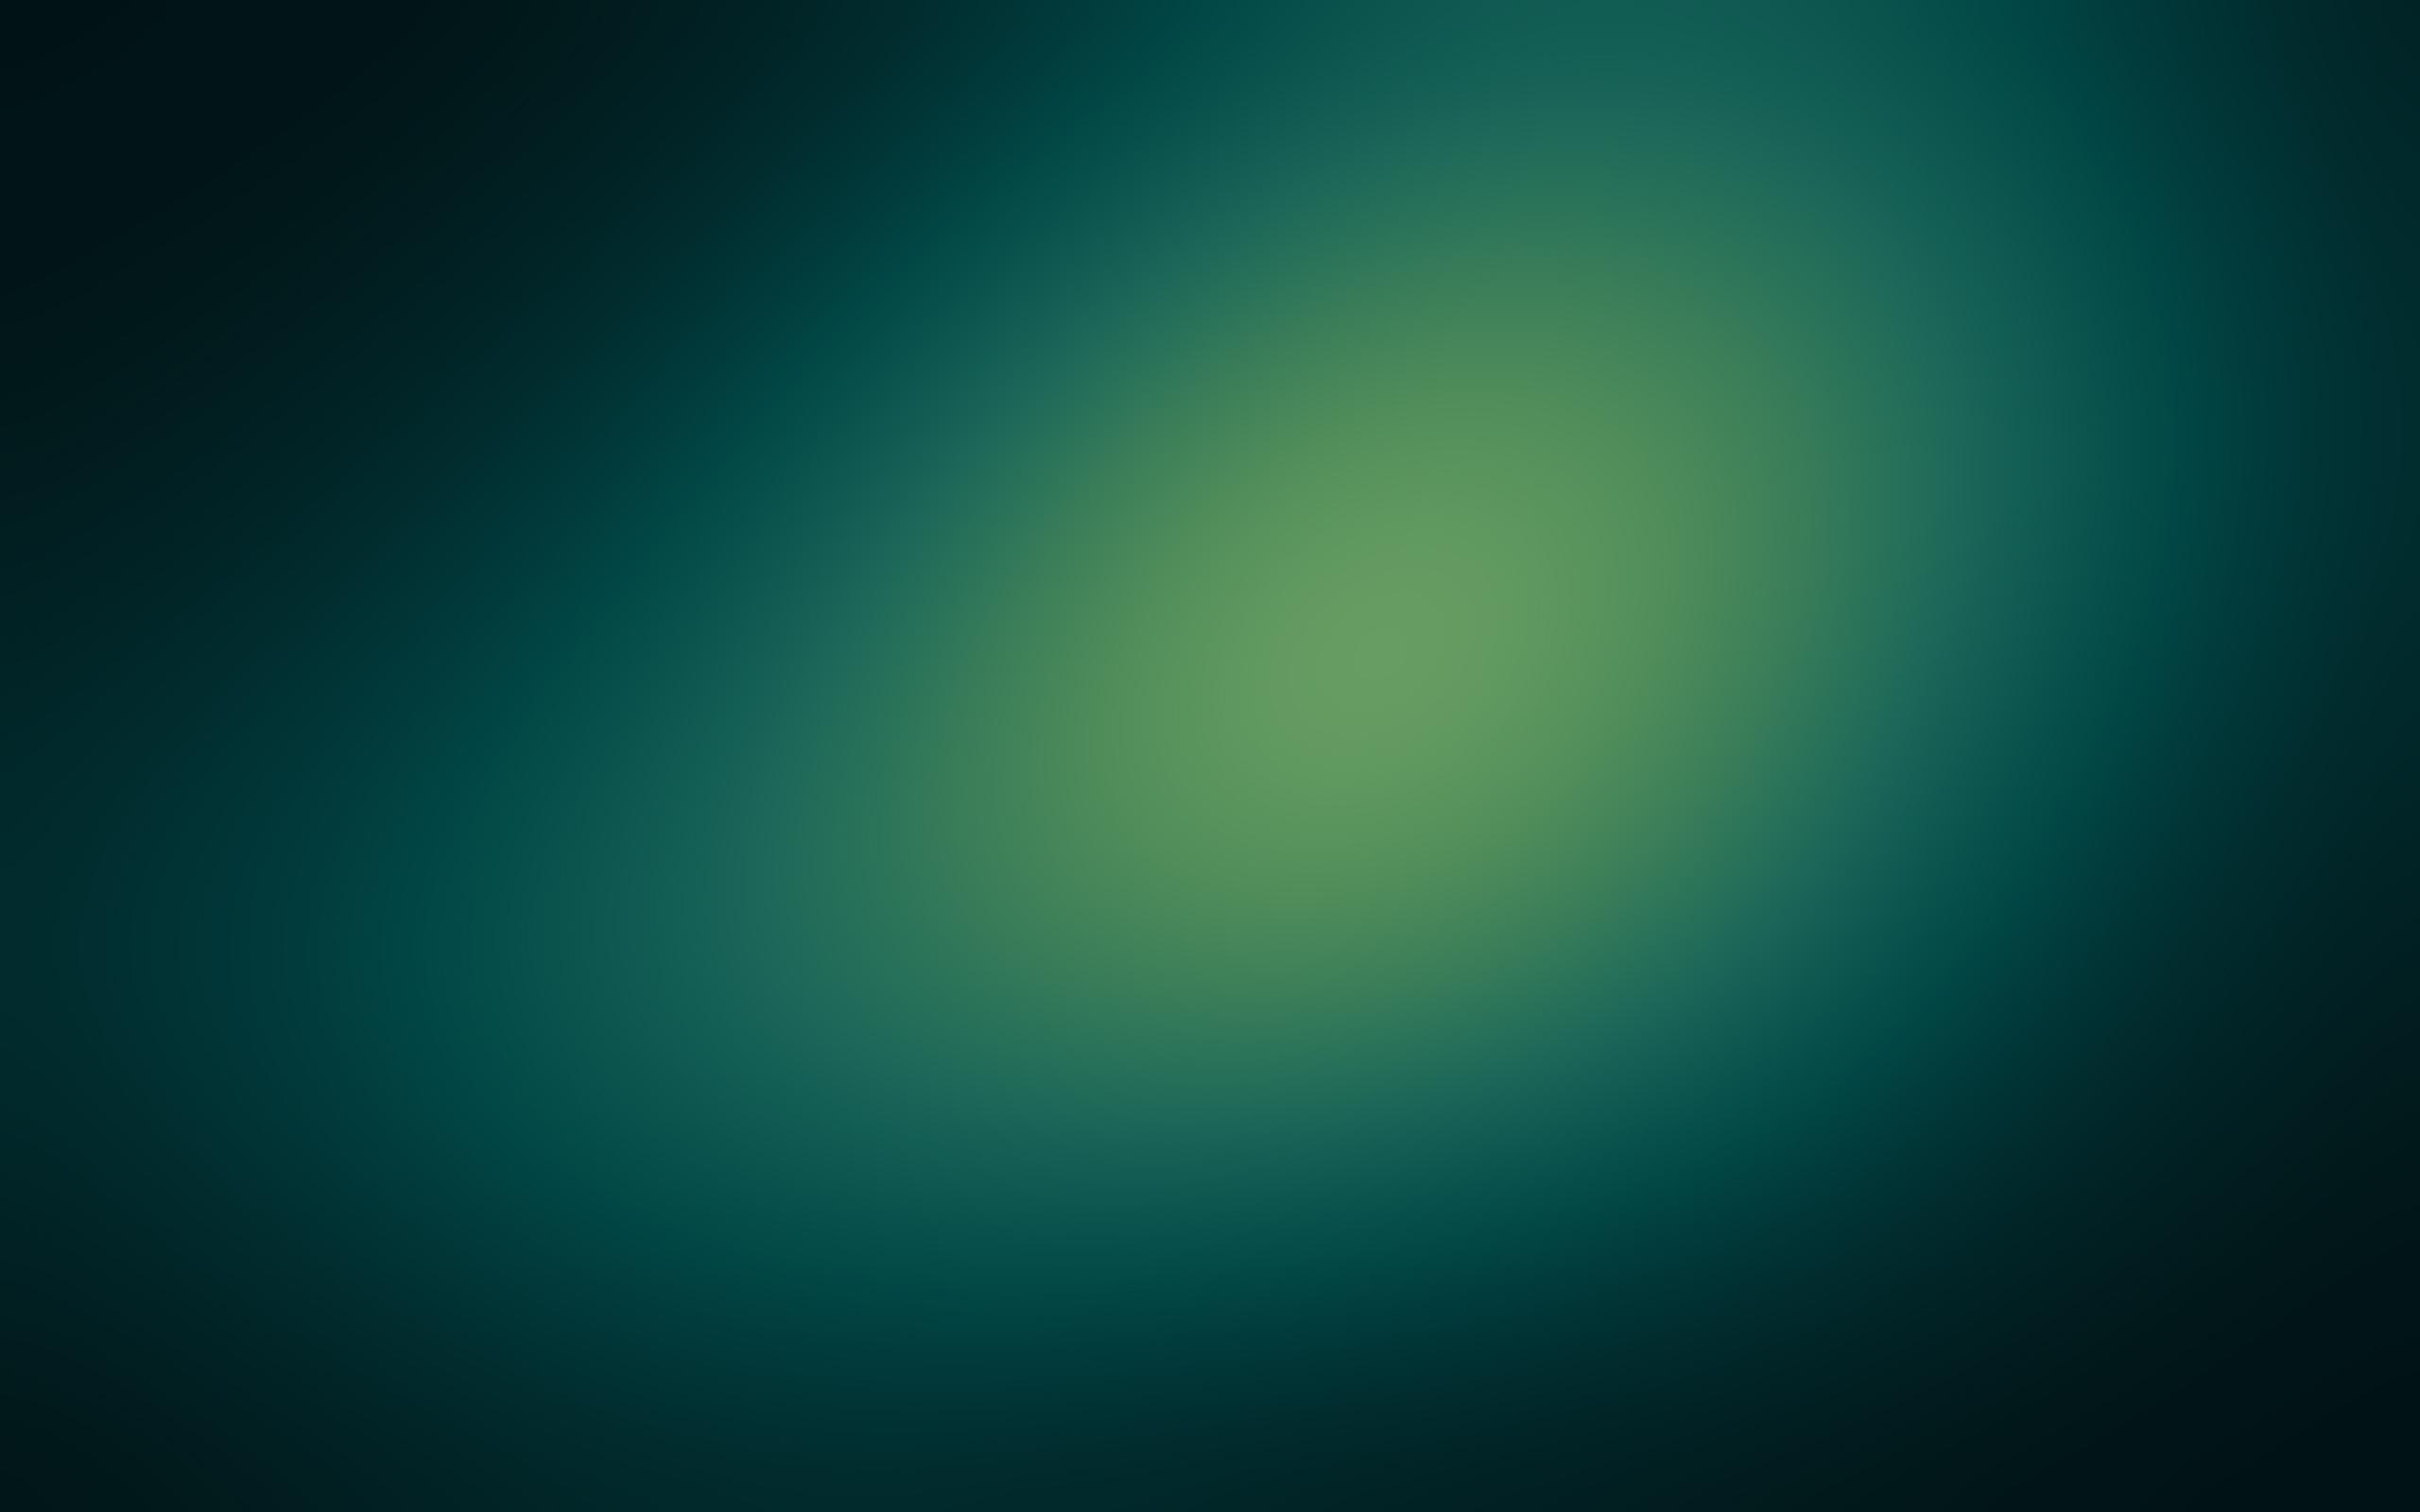 Green Wallpaper Finest Green Wallpaper For My Desktop With Green